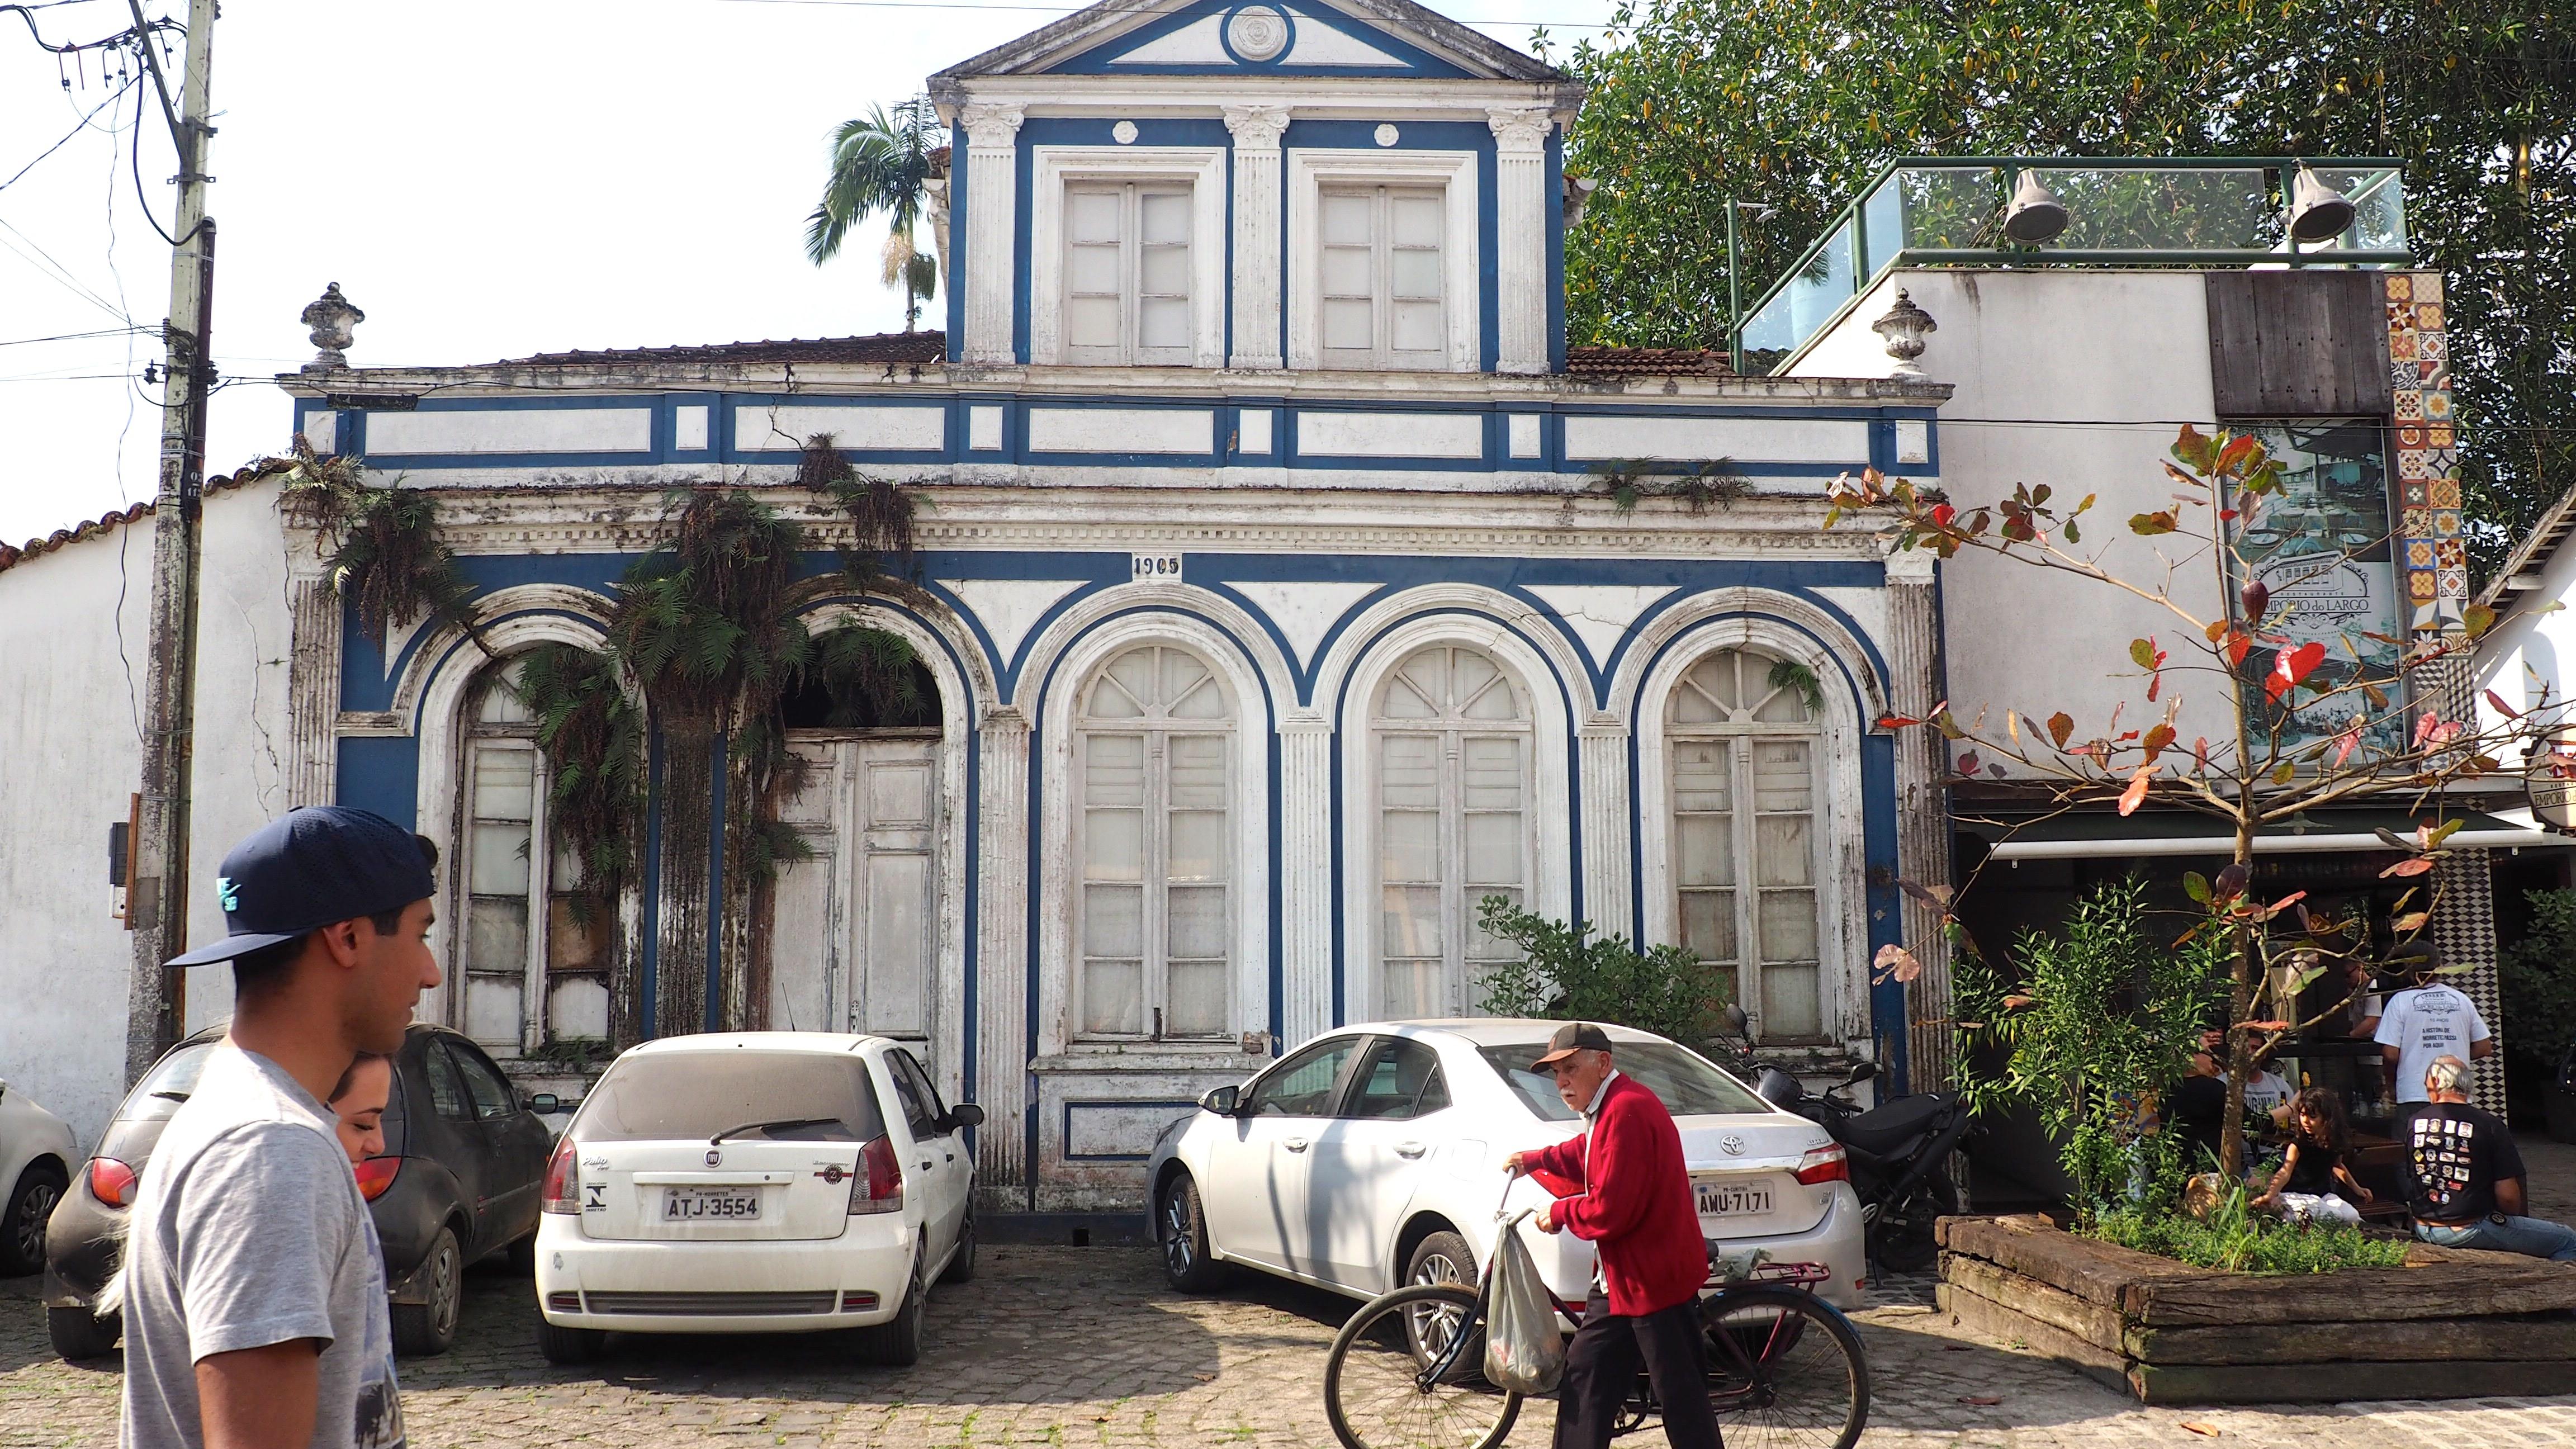 Casas de estilo colonial en el centro de Morretes, una de las cosas que ver en Morretes